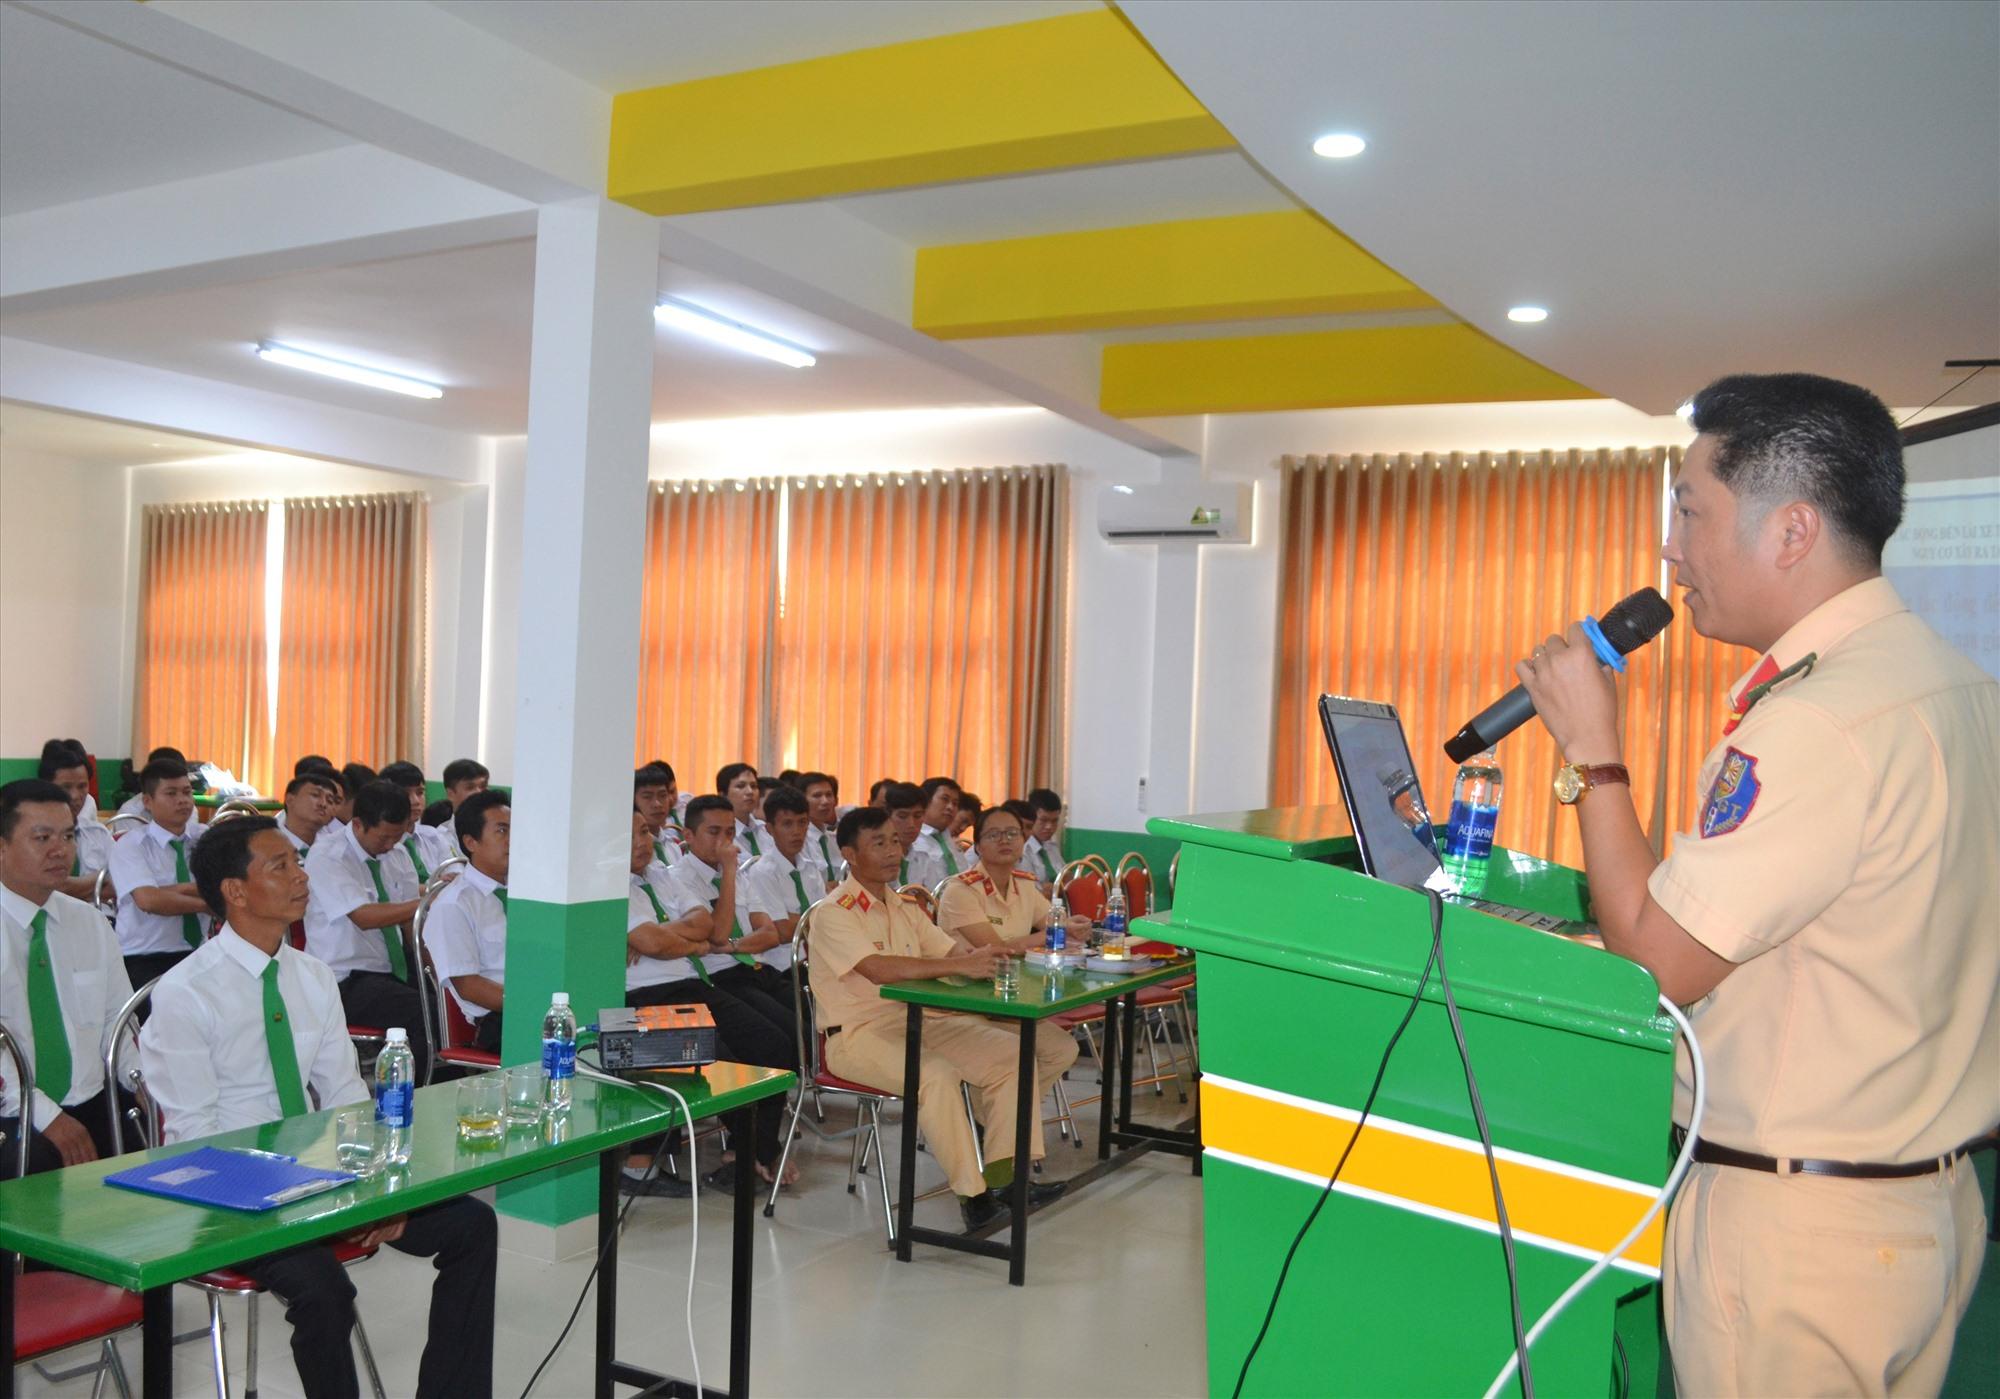 Công ty TNHH MTV Mai Linh Hội An chủ động phối hợp với Phòng Cảnh sát giao thông đường bộ -đường sắt tuyên truyền pháp luật ATGT cho tài xế lái taxi. Ảnh: N.B